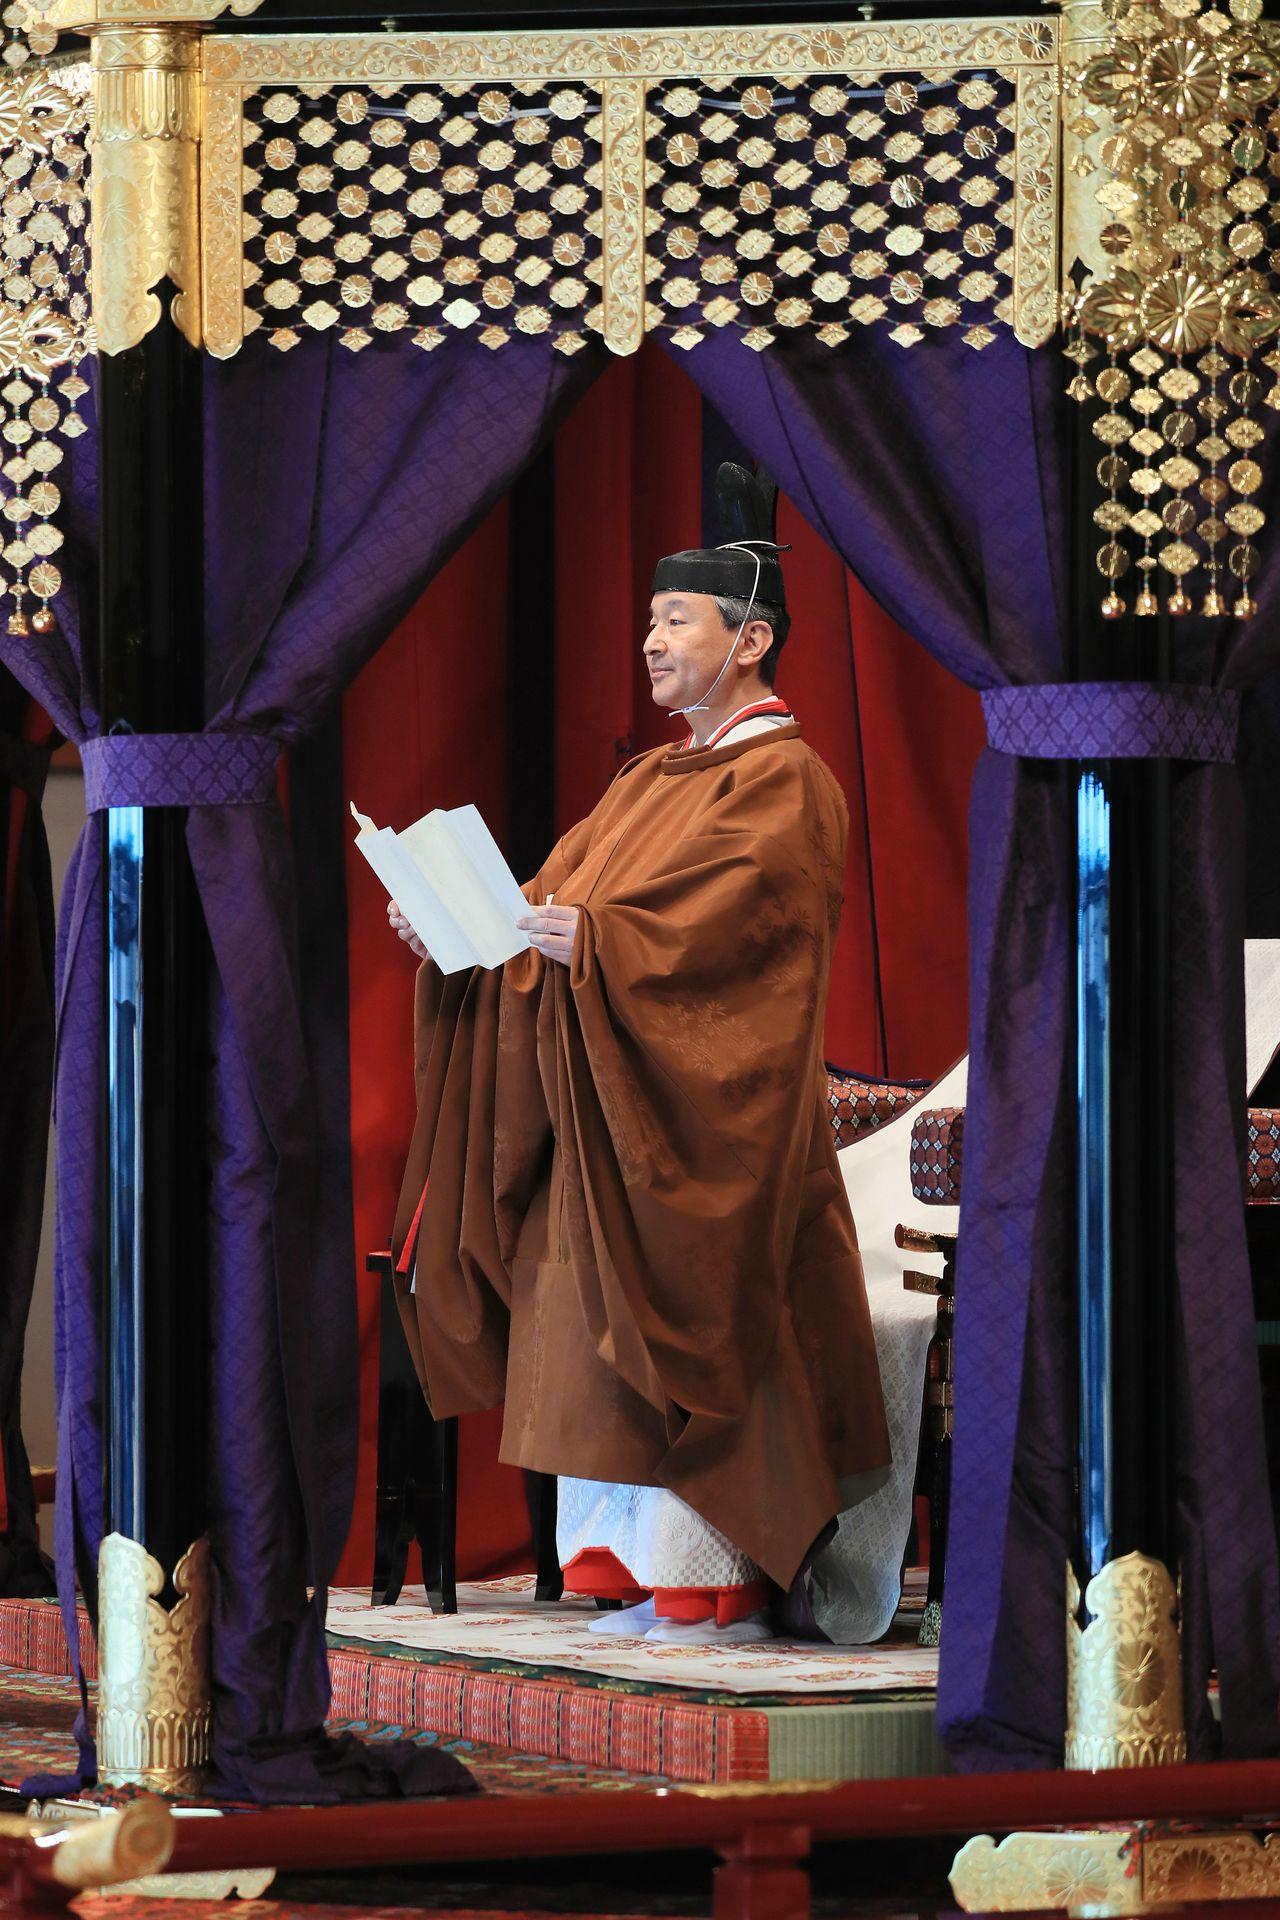 Император читает тронную речь (© Jiji)